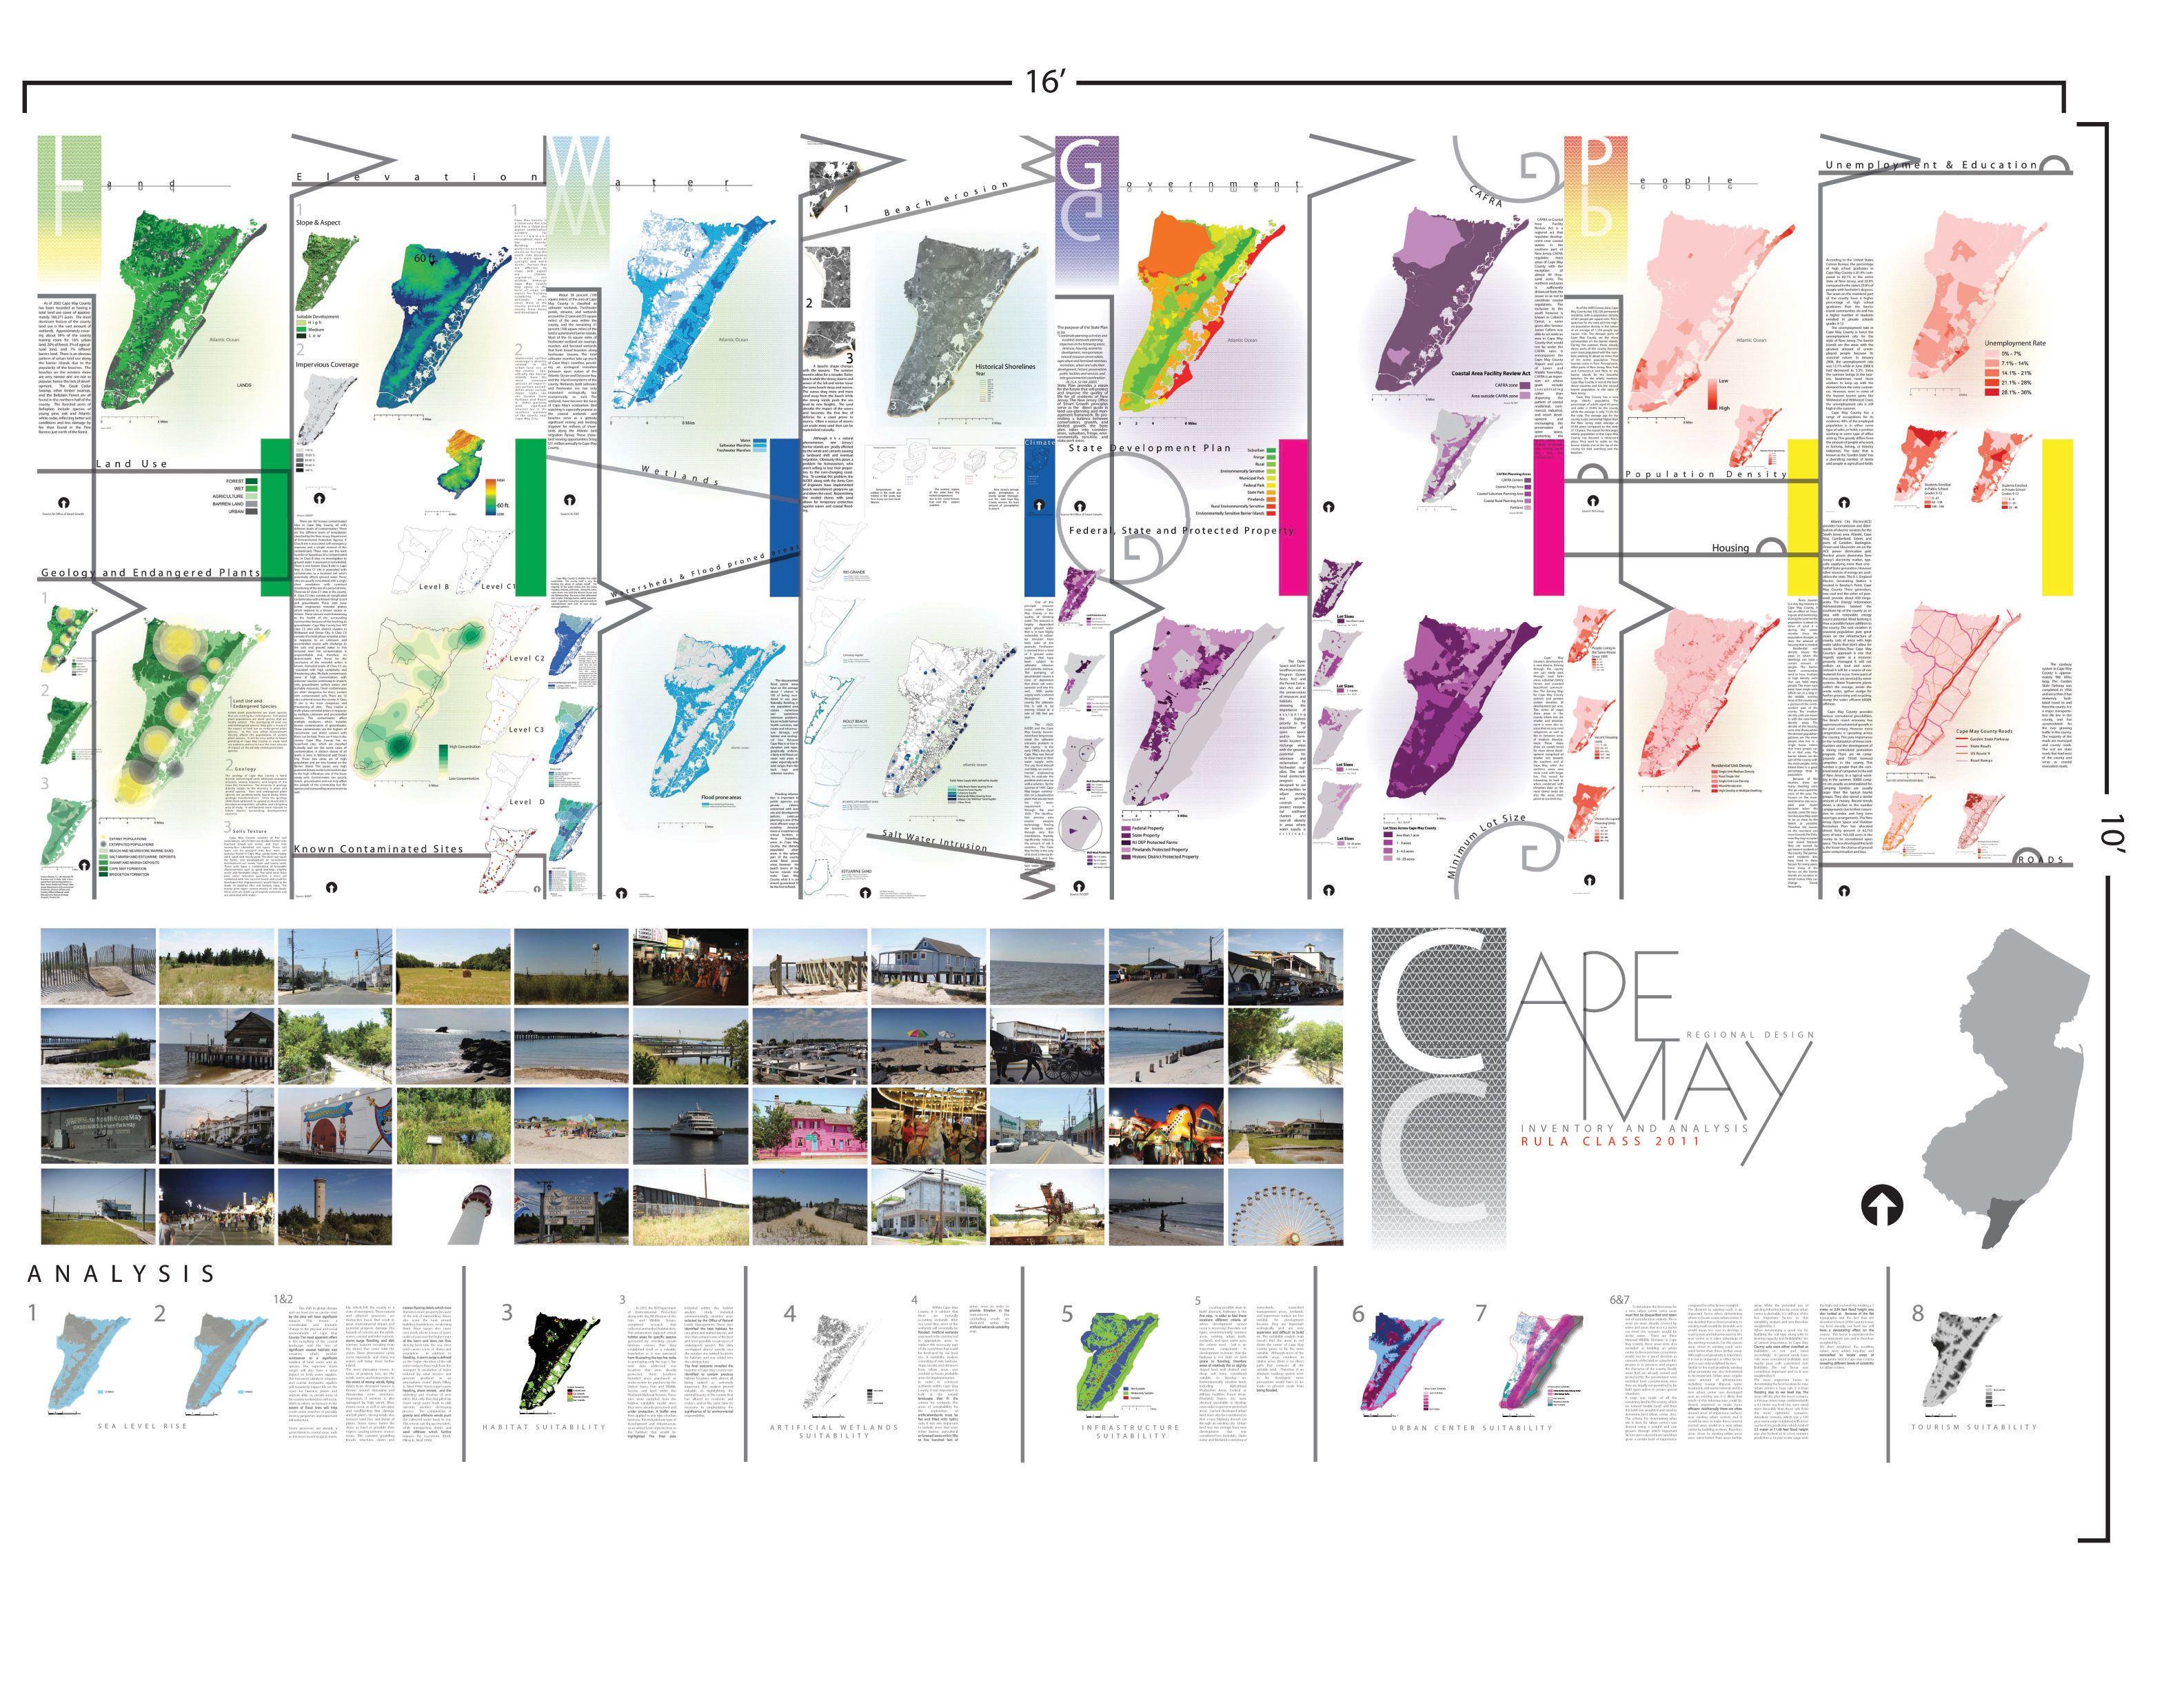 ad e e ab e eaf a  f ad e   jpgimages of landscape architecture diagrams diagrams